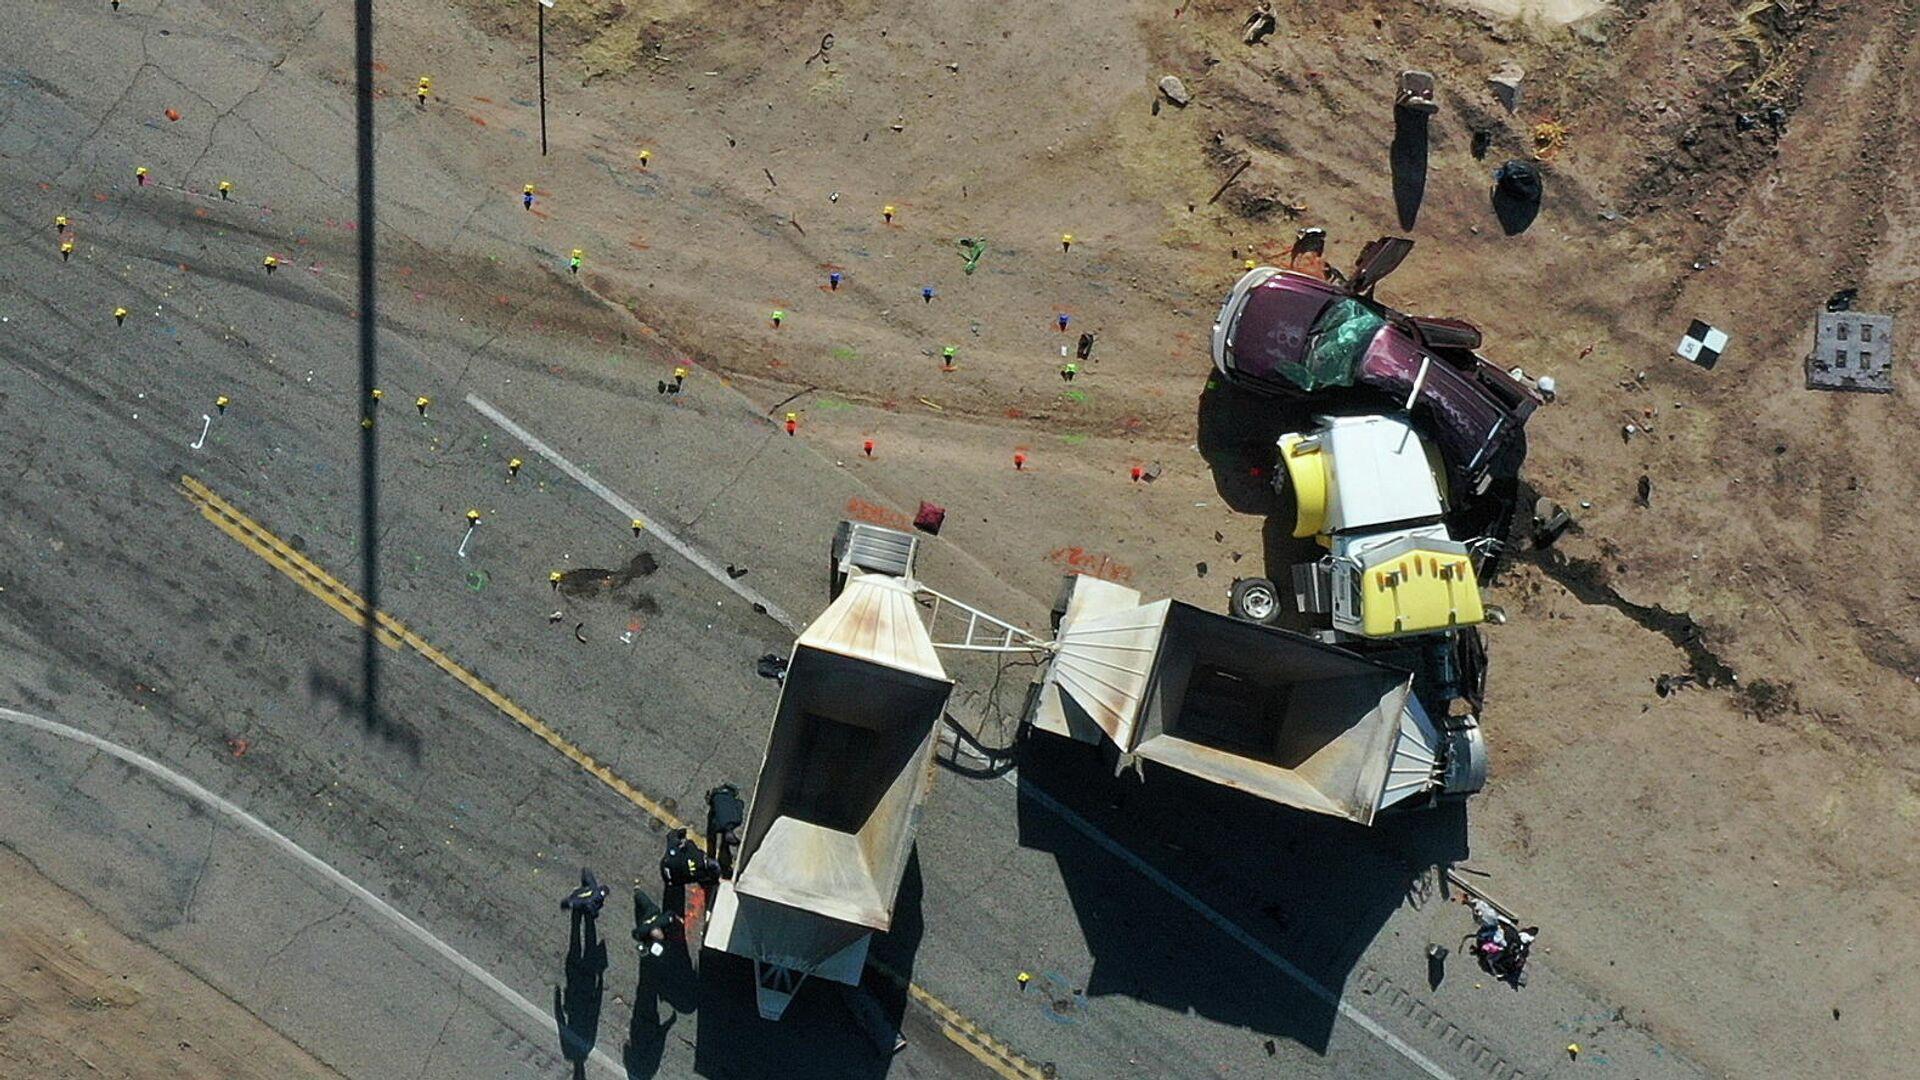 Место аварии в Холтвилле в округе Империал, штат Калифорния - РИА Новости, 1920, 02.03.2021